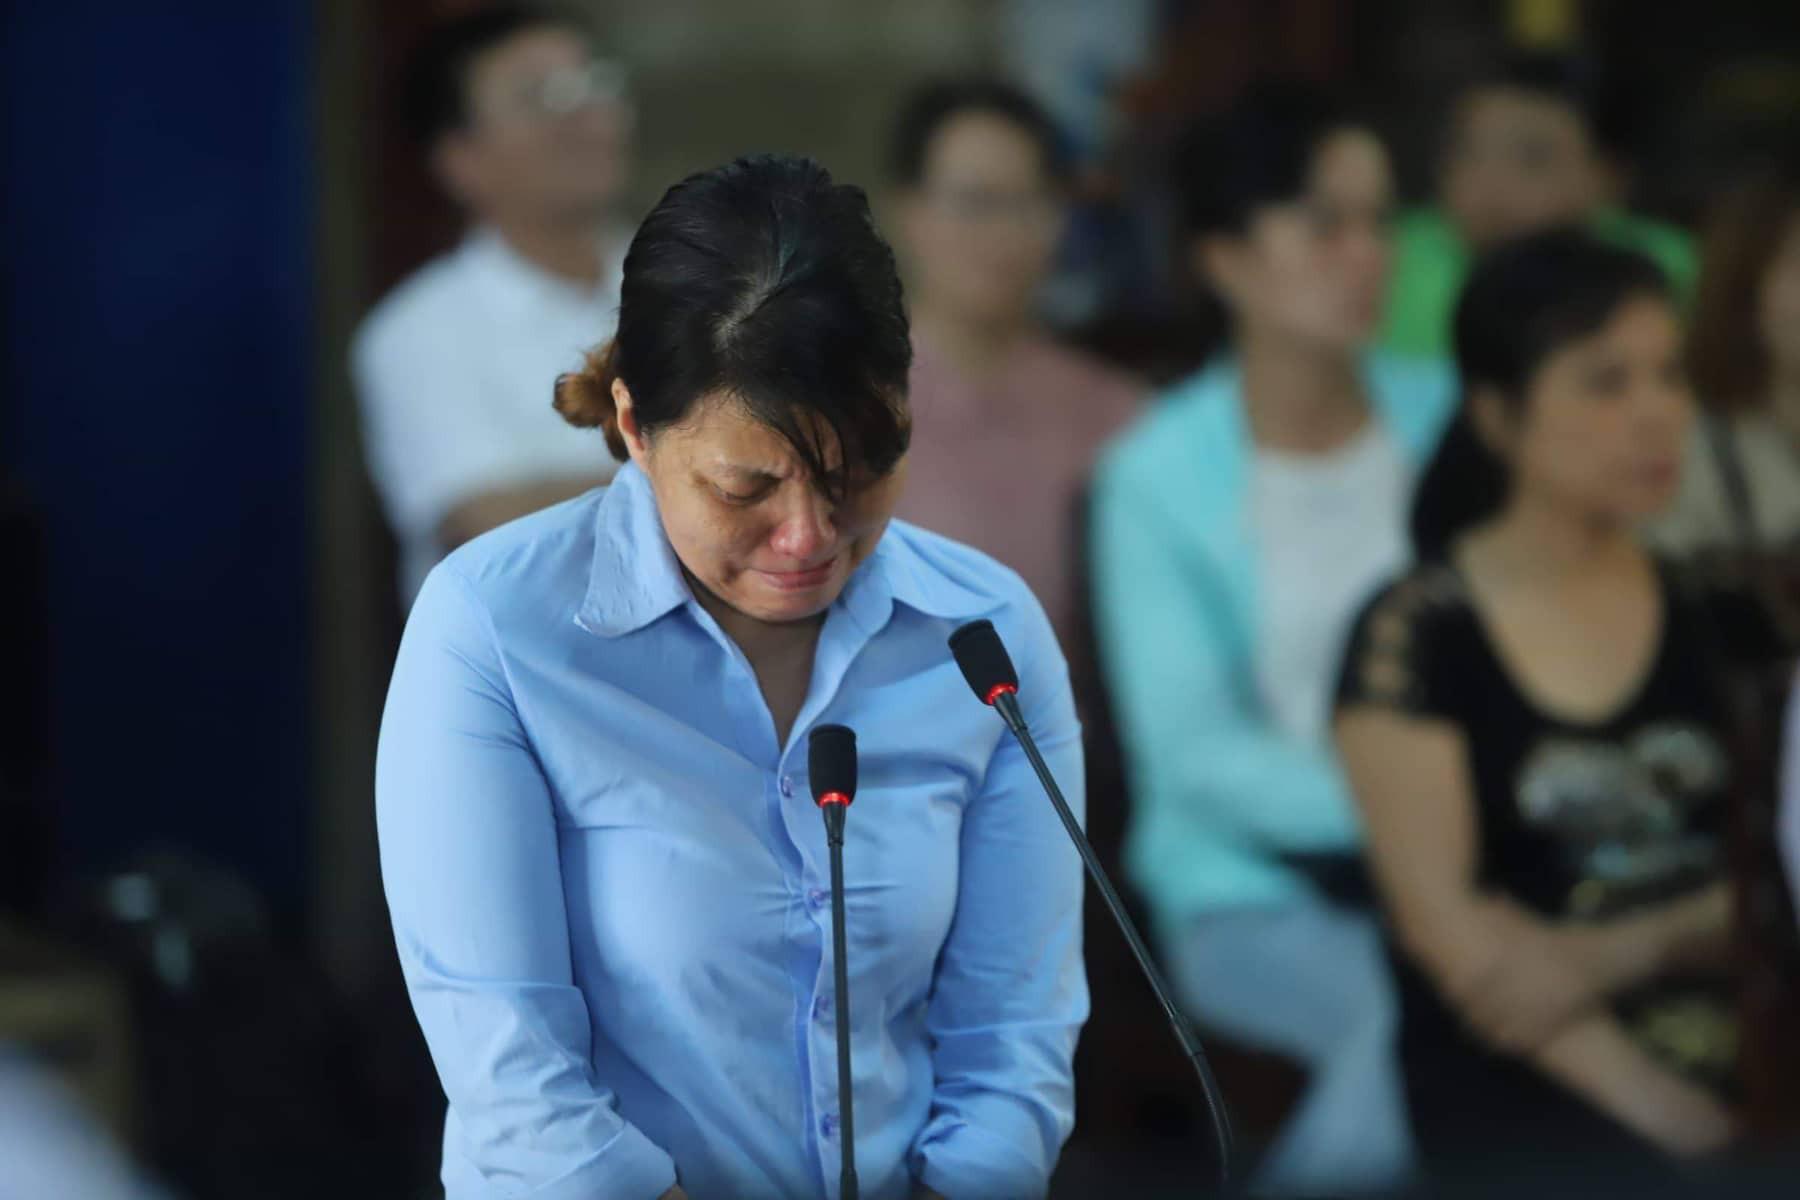 Lãnh án 2 năm tù, bảo mẫu Mẹ Mười bạo hành nhiều trẻ nhỏ ở Đà Nẵng liên tục khóc nức nở - Ảnh 1.